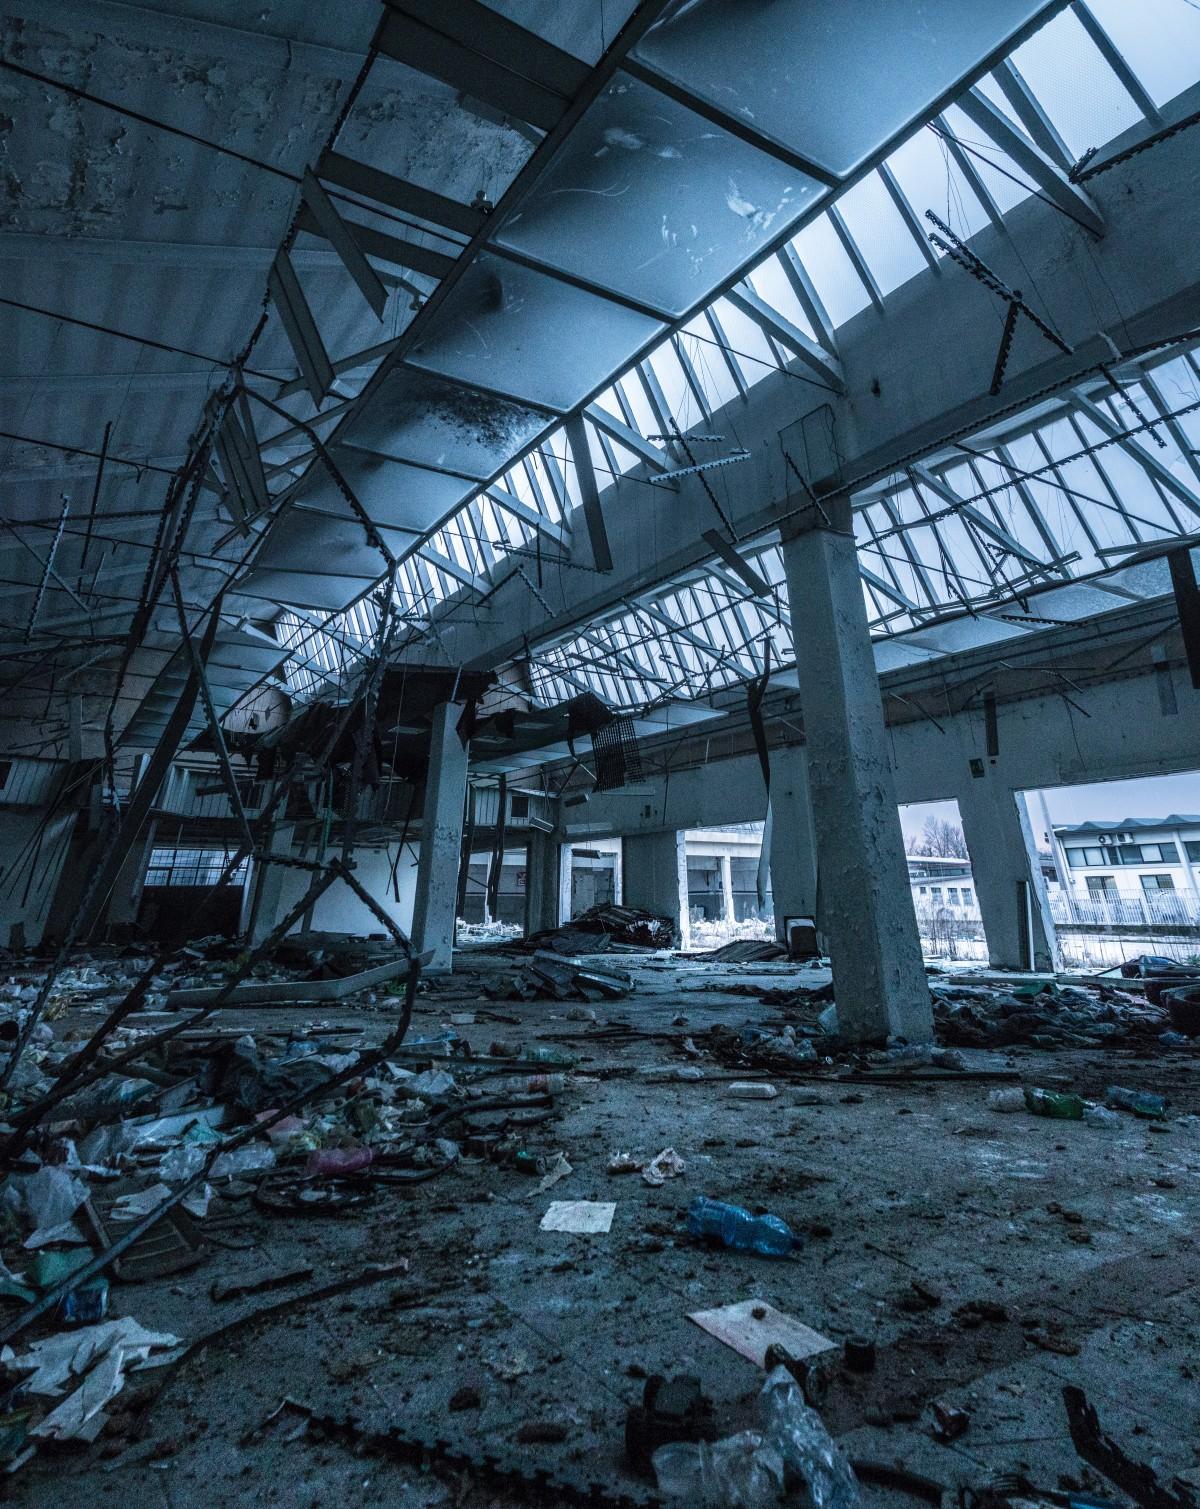 abandonado Edificio abandonado arquitectura roto edificio dañar tiempo de día decaer En descomposición demolición sucio vacío interior acero Trusses de acero urbano residuos